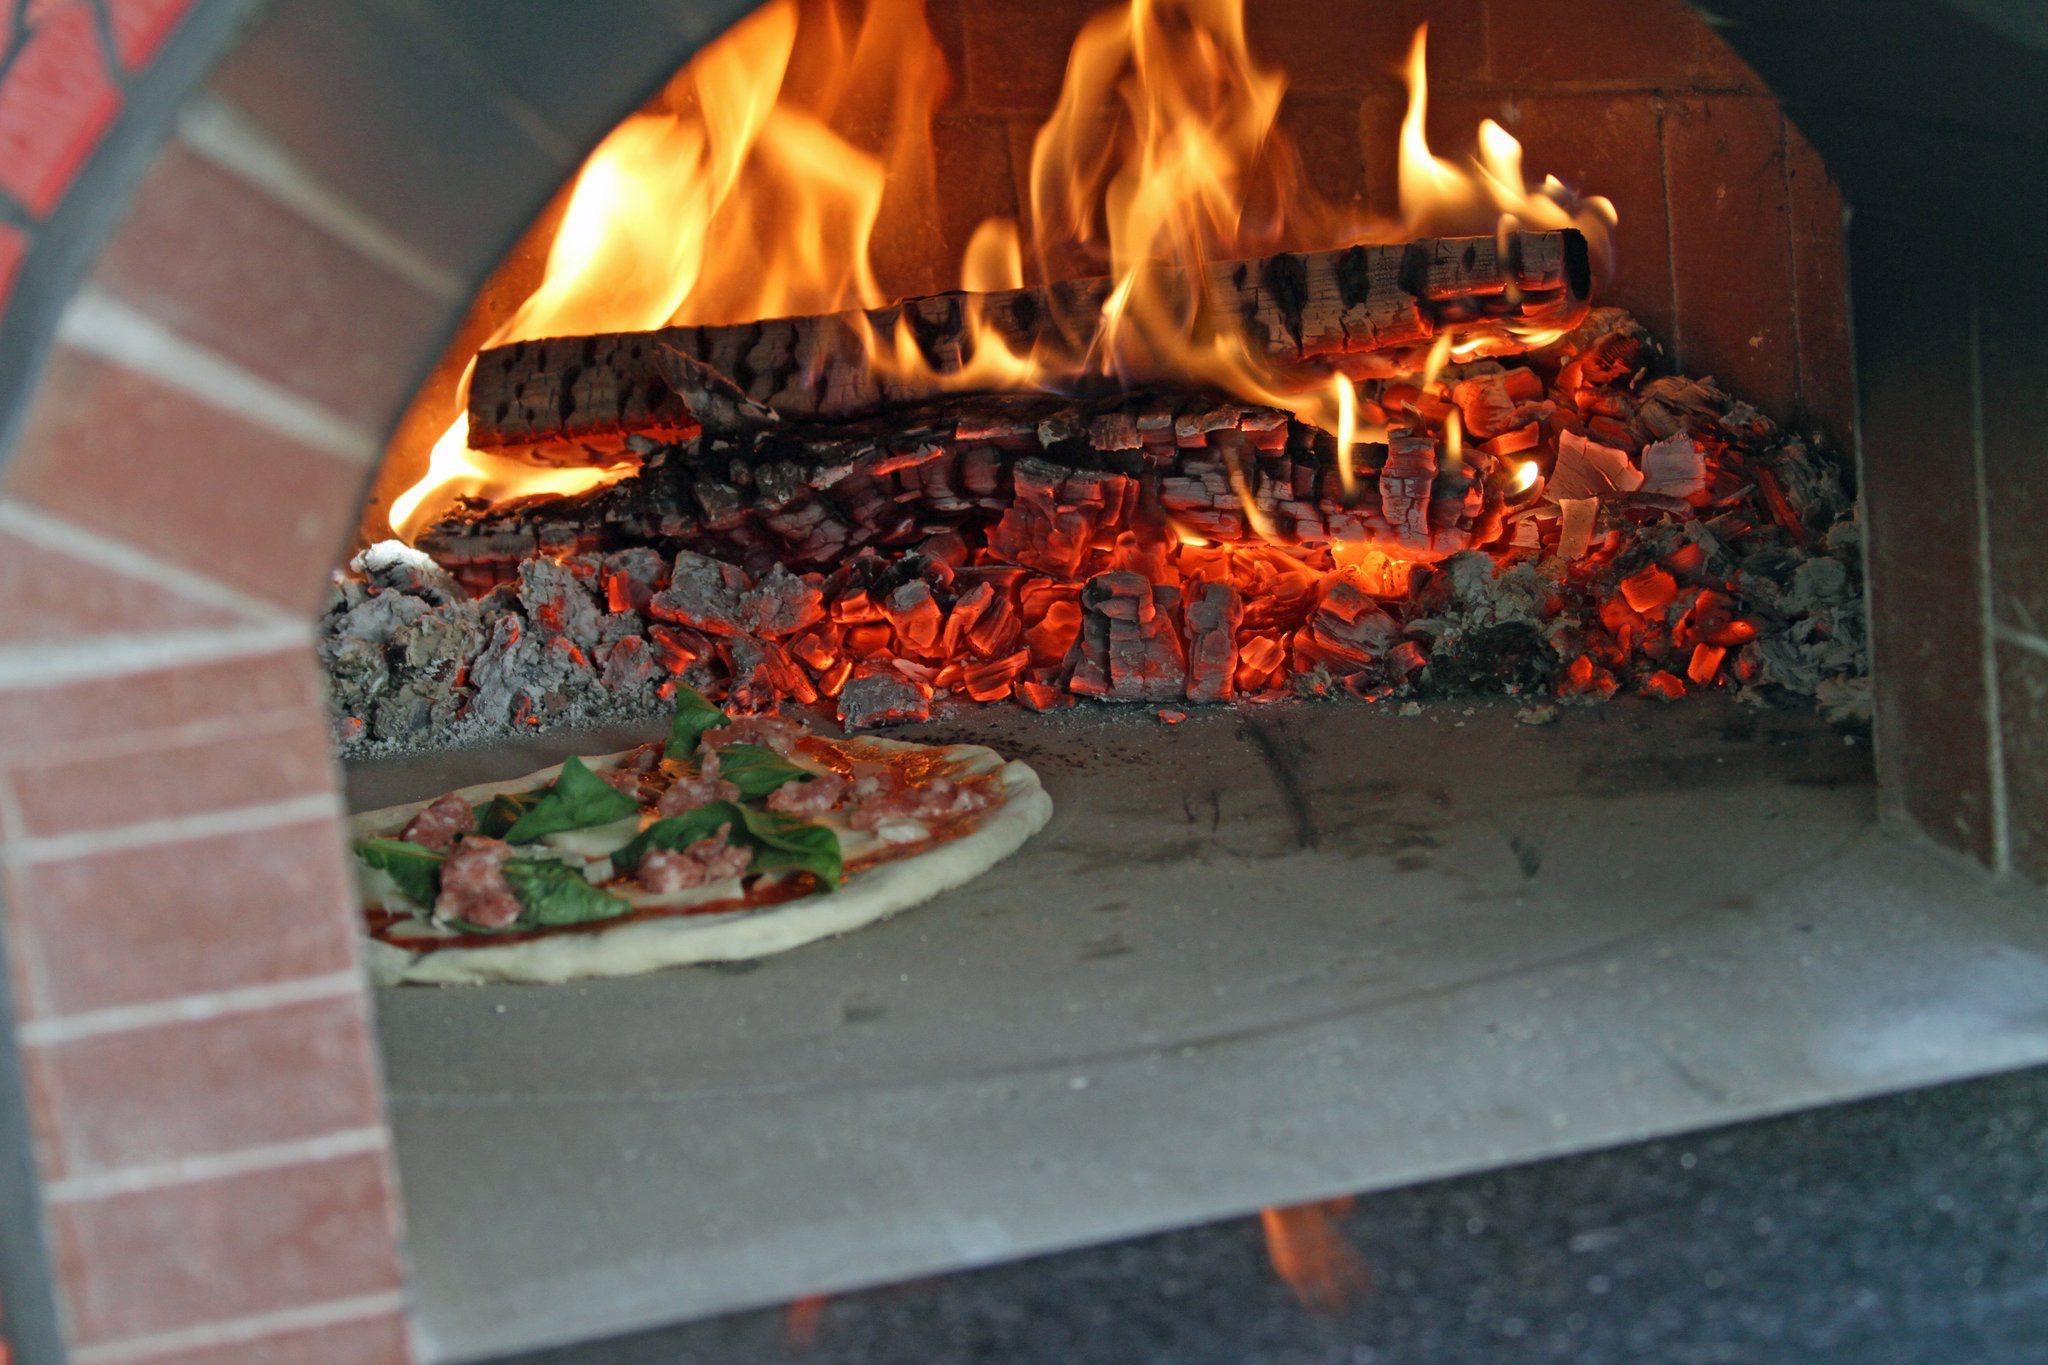 forno classico pizza oven inside